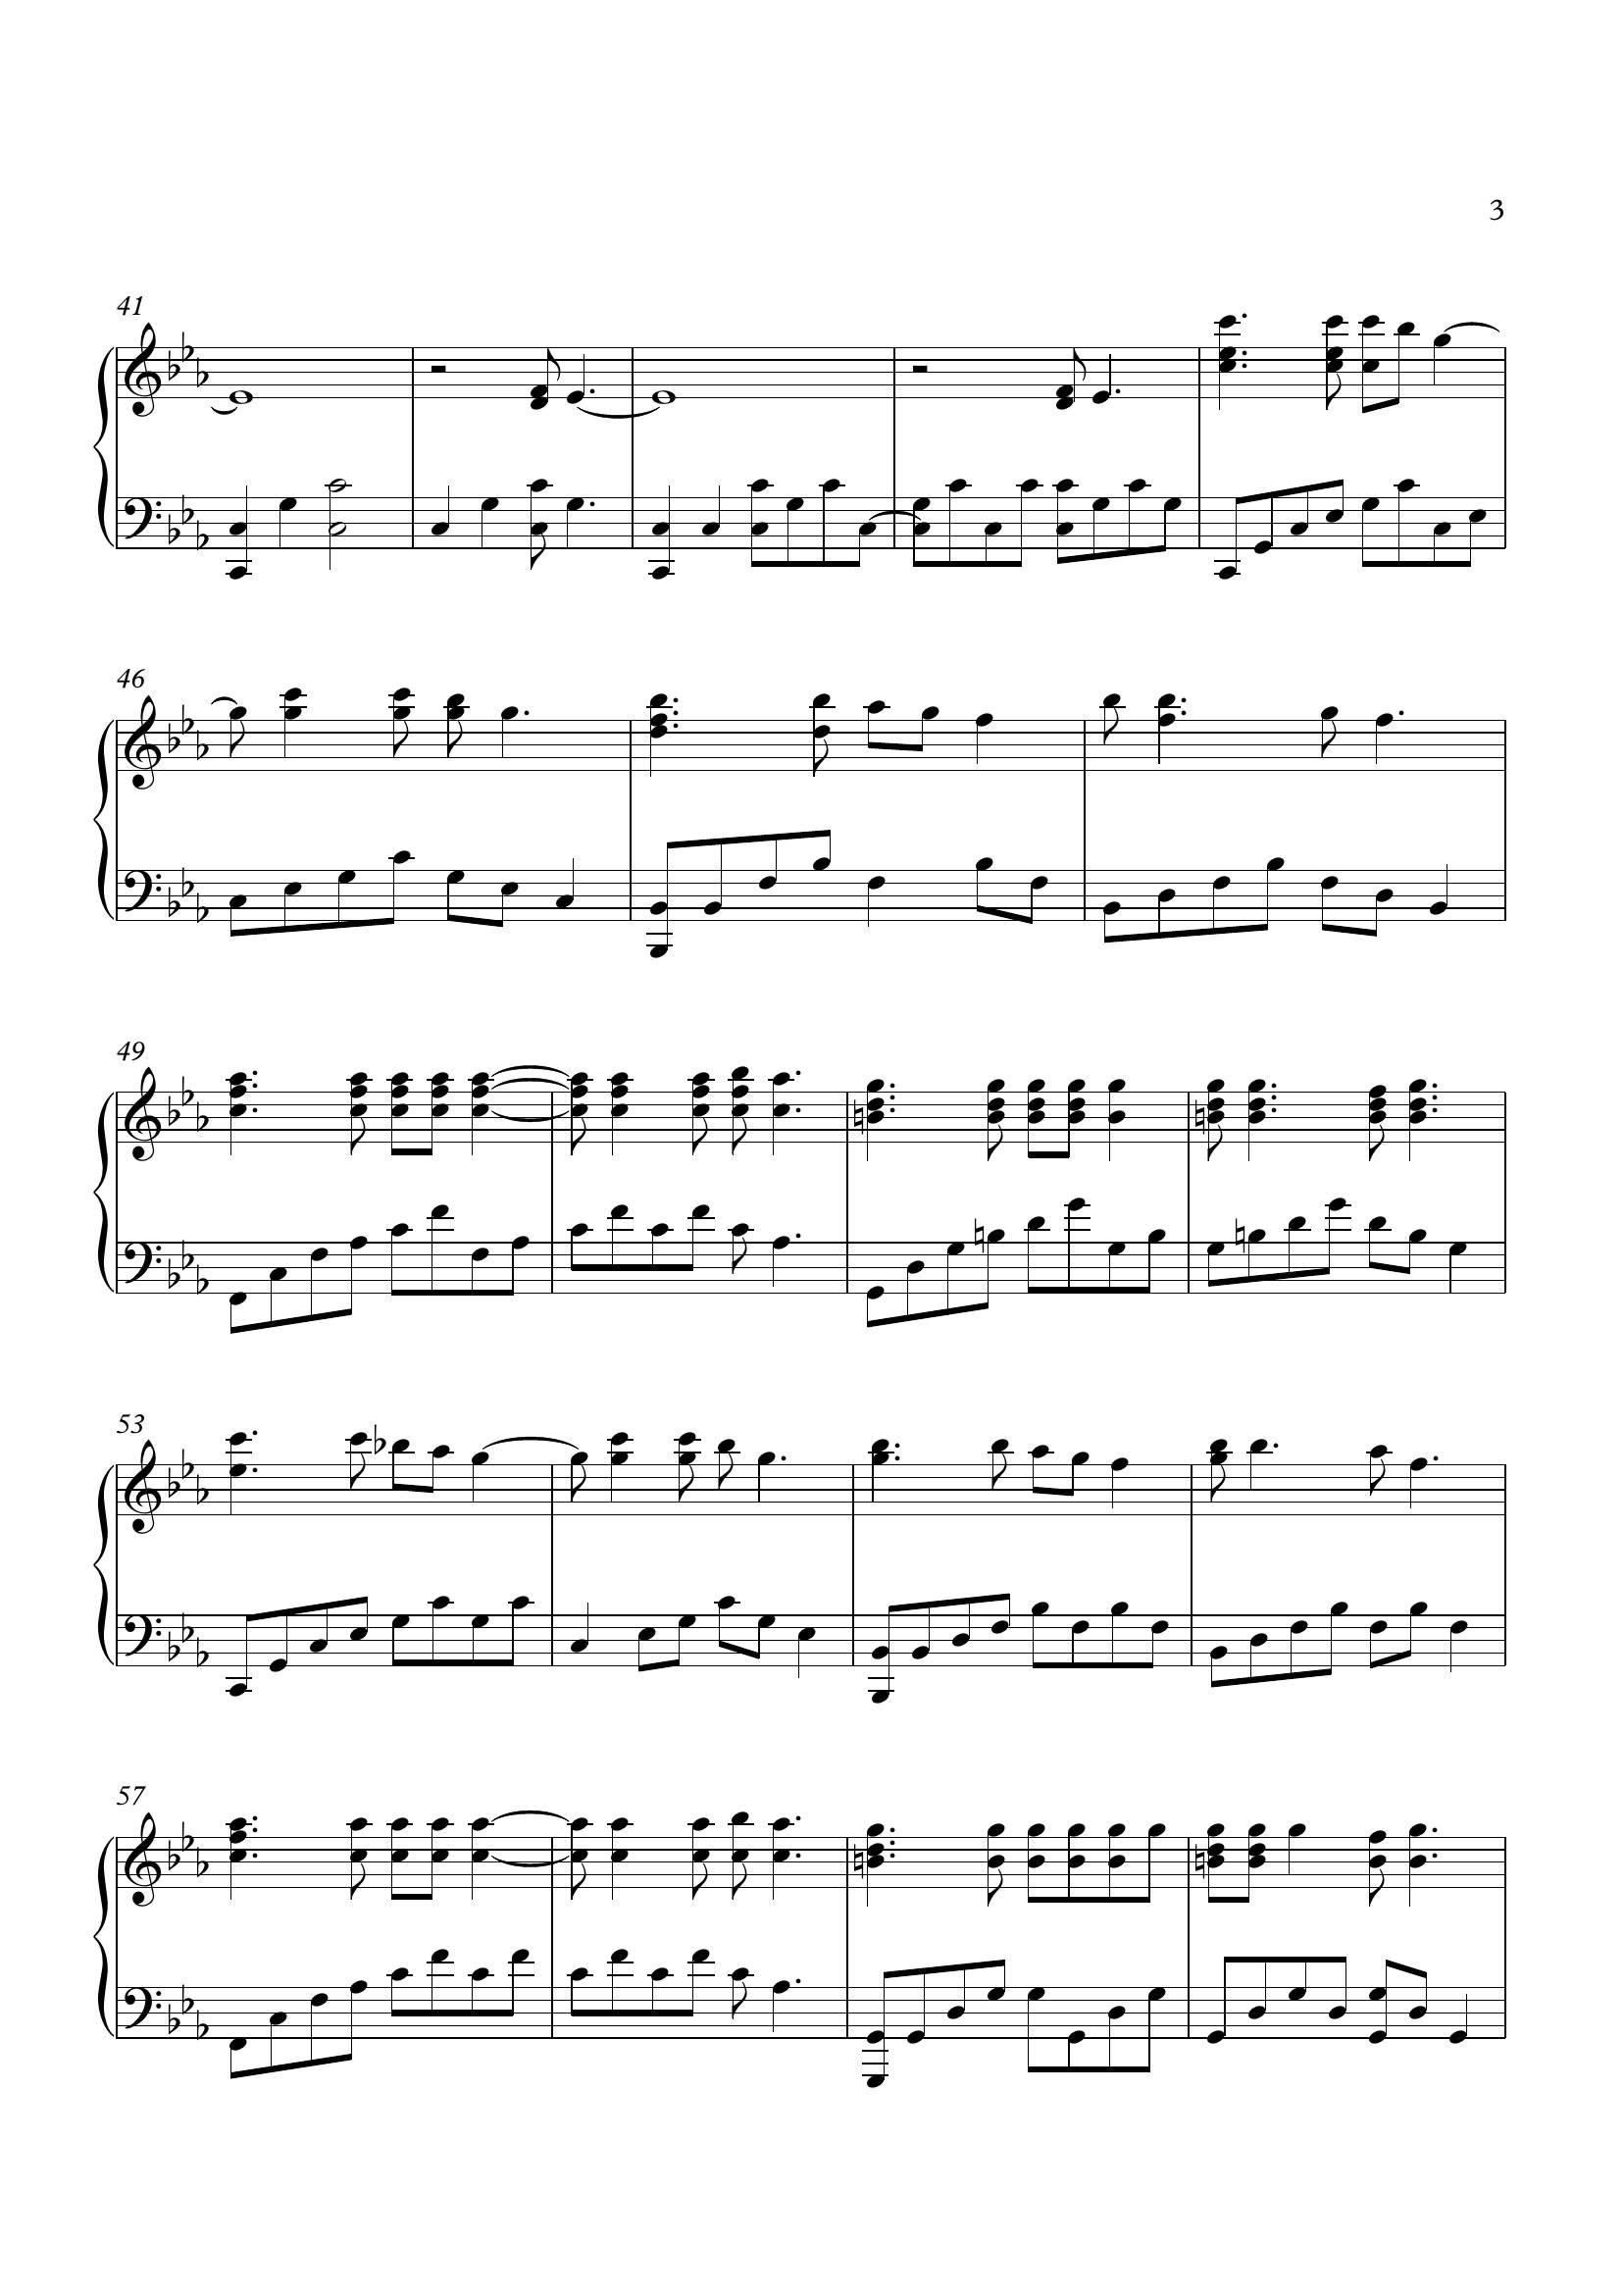 Hossein Bidgoli Santoori3 - نت آهنگ سنتوری از حسین بیدگلی